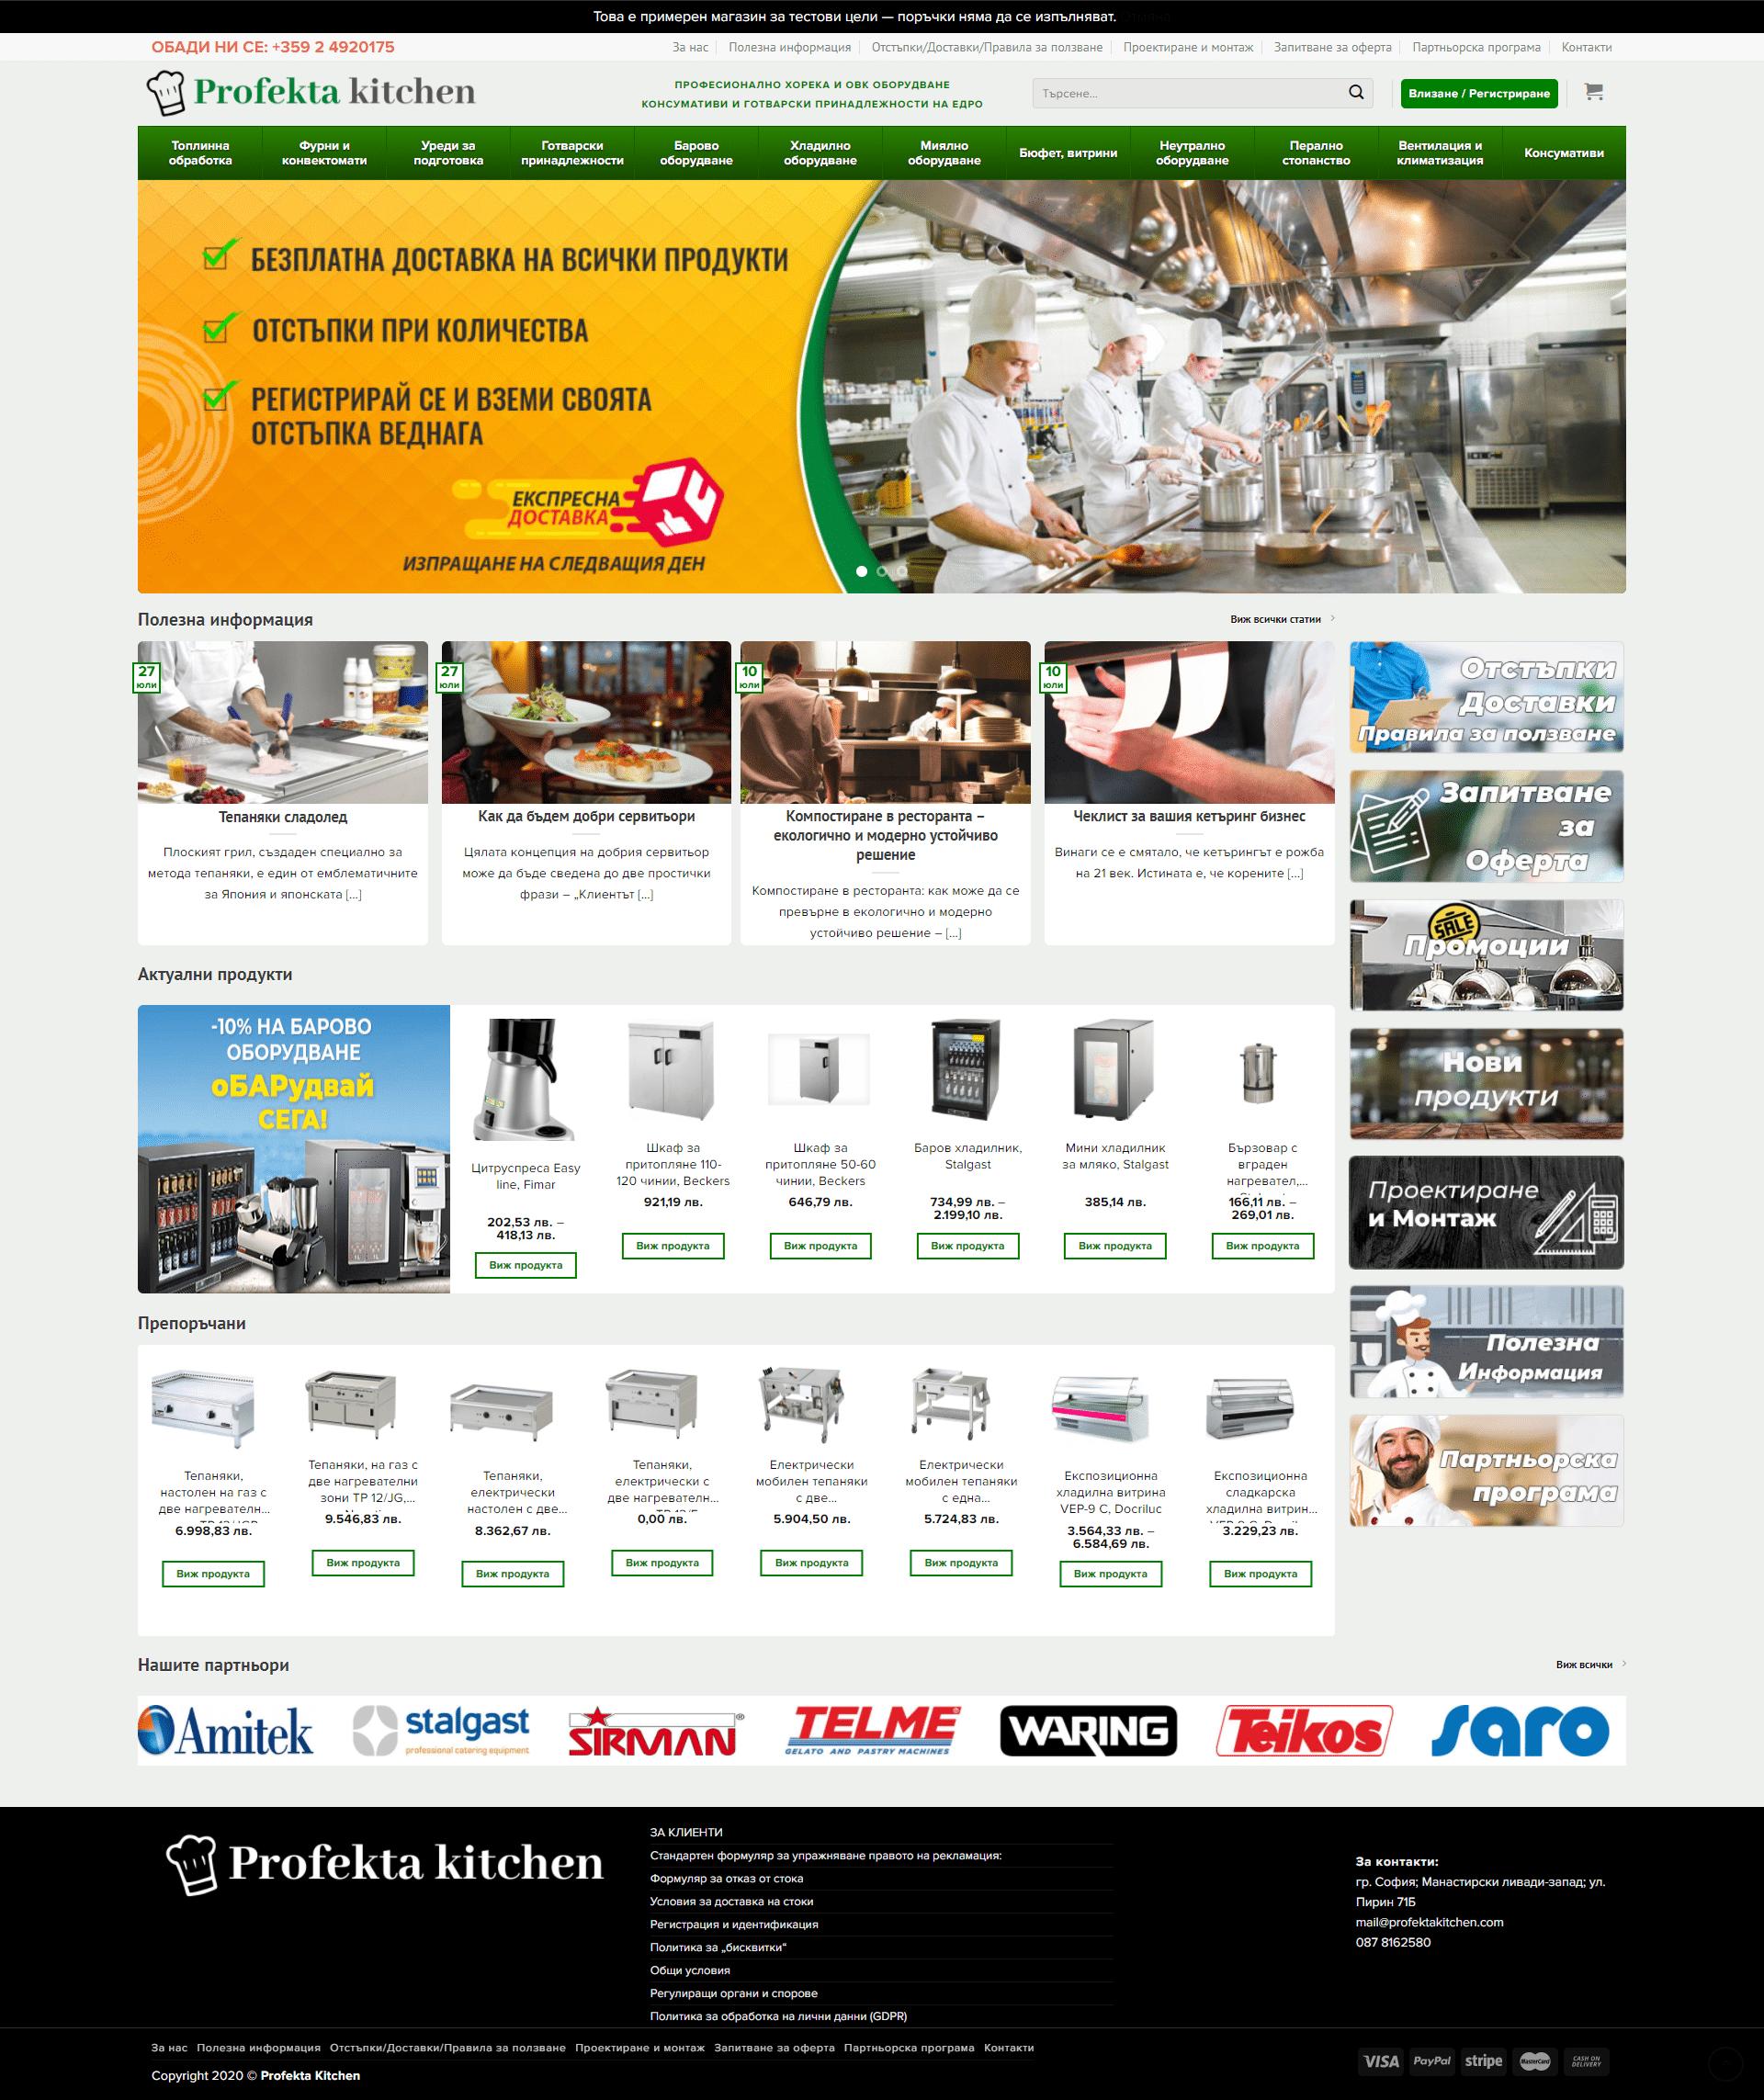 Изработка на онлайн магазин за професионално хорека и ОВК оборудване, консумативи и готварски принадлежности на едро.